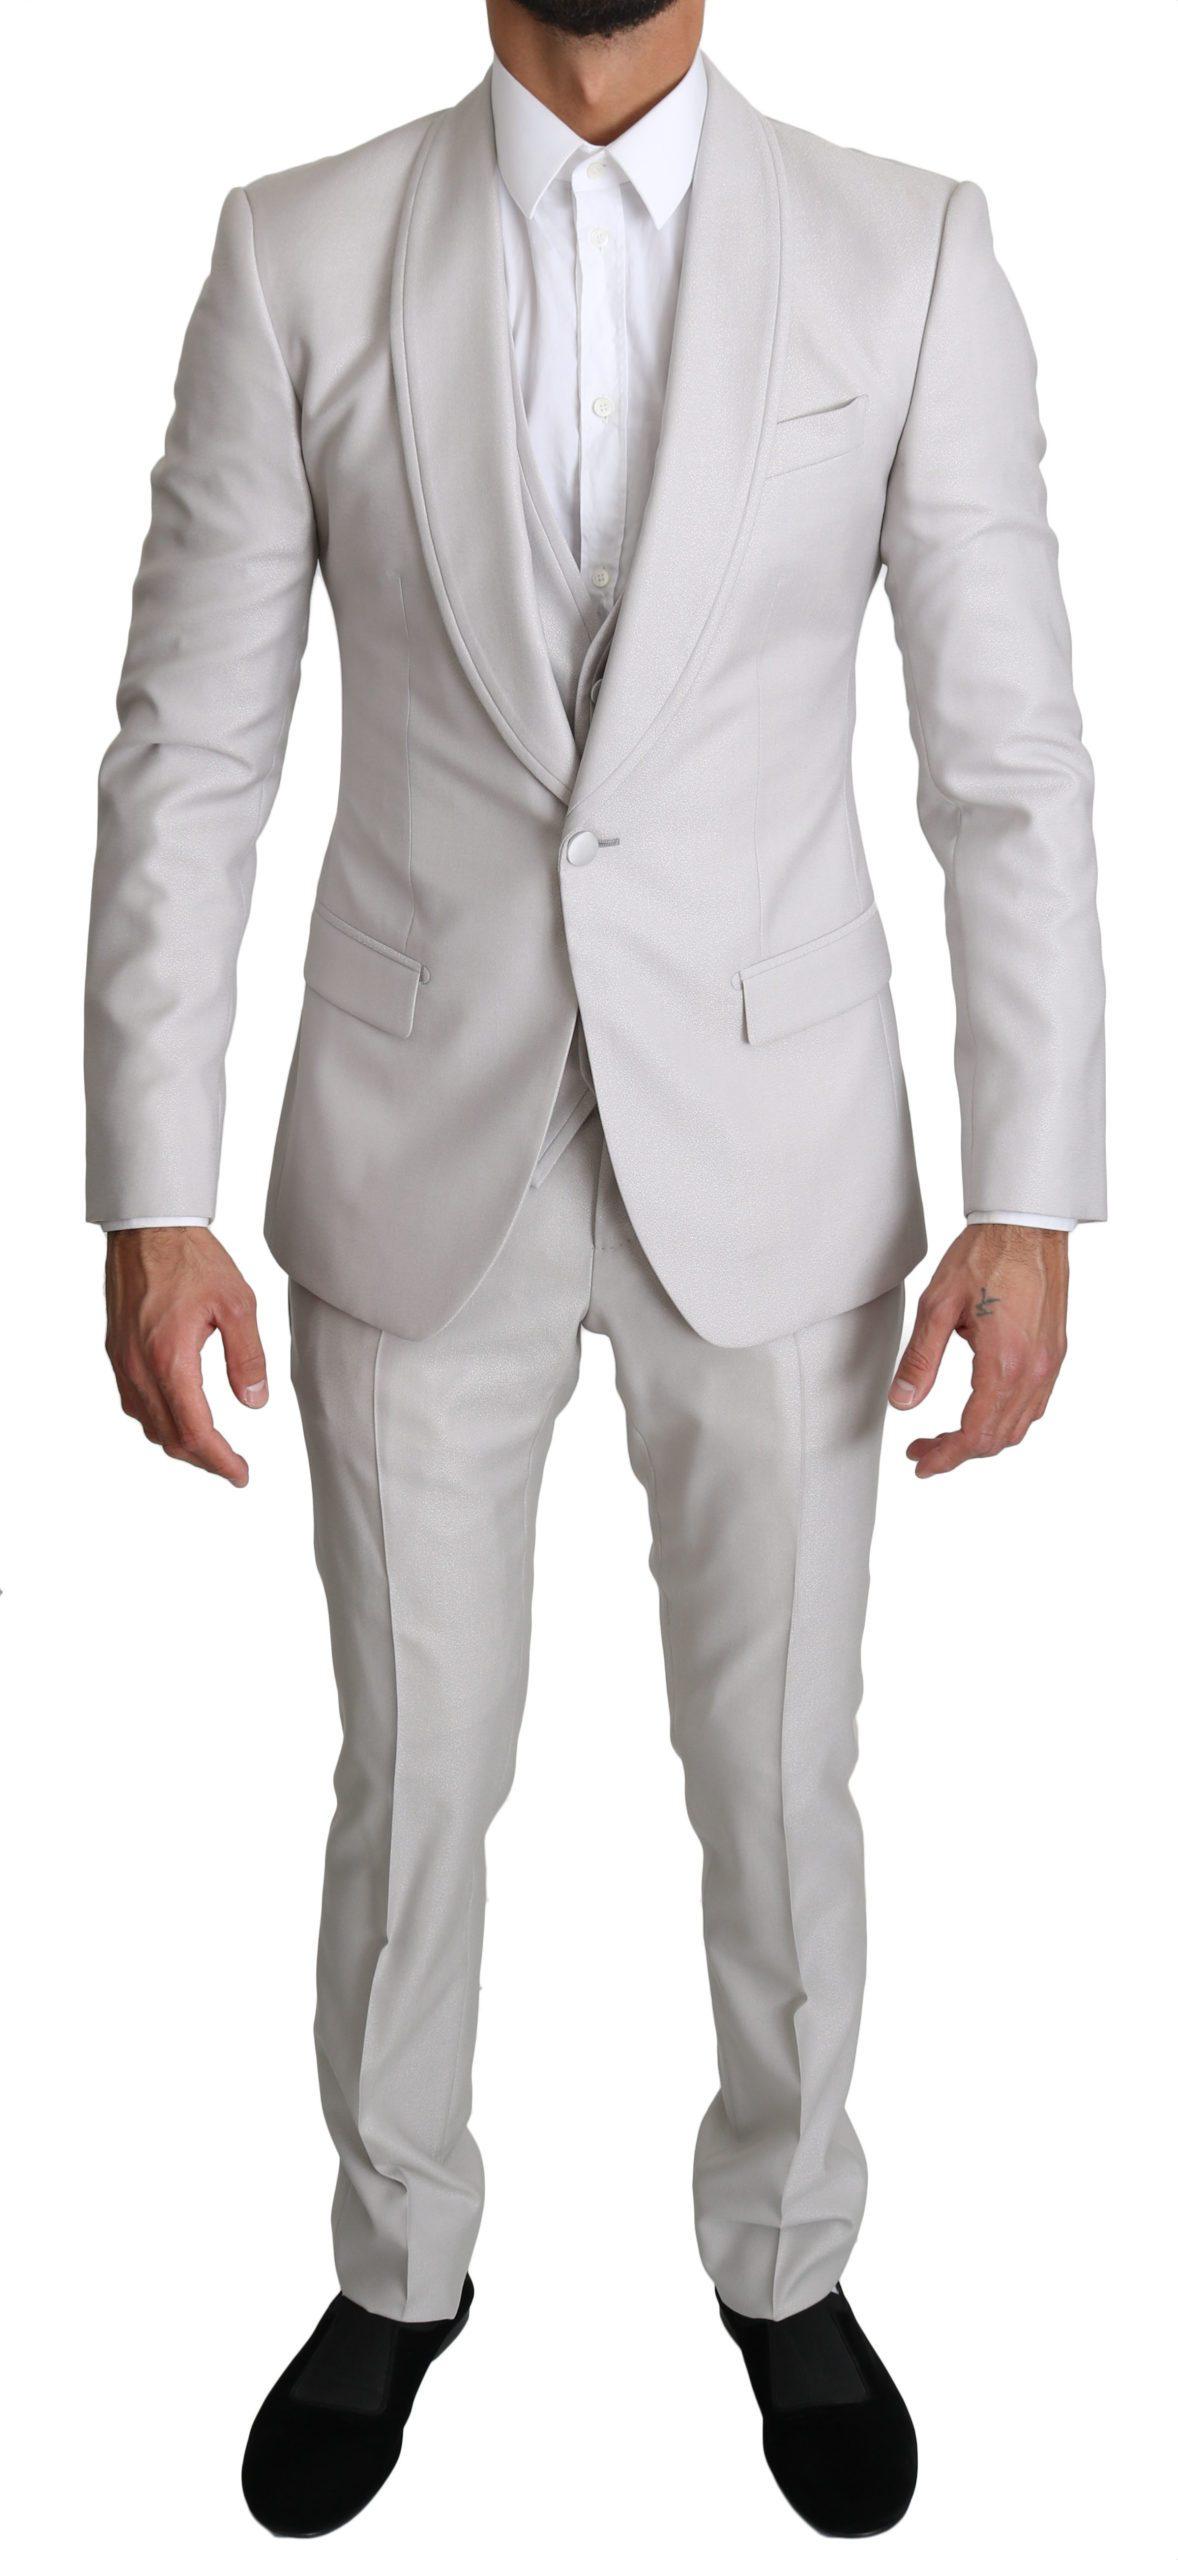 Dolce & Gabbana Men's Single Breasted 3 Piece Wool Suit Silver KOS1519 - IT44 | XS